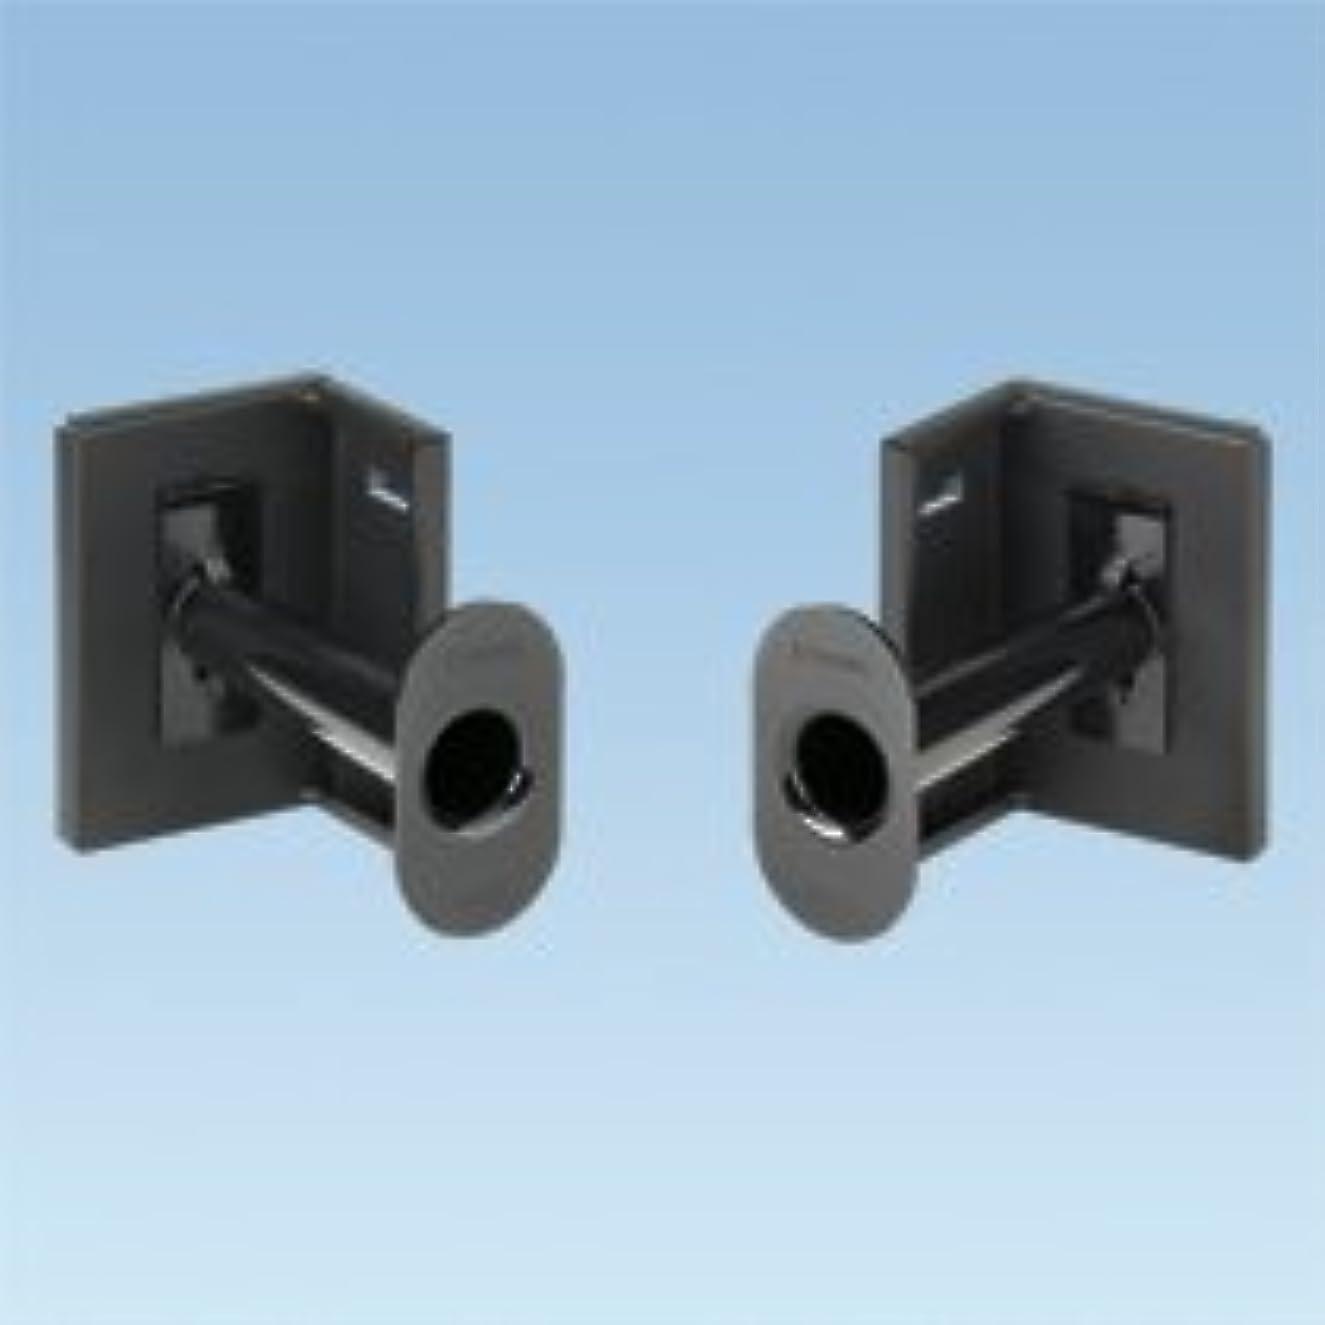 Panduit LV-W-1G Low Voltage Mounting Bracket